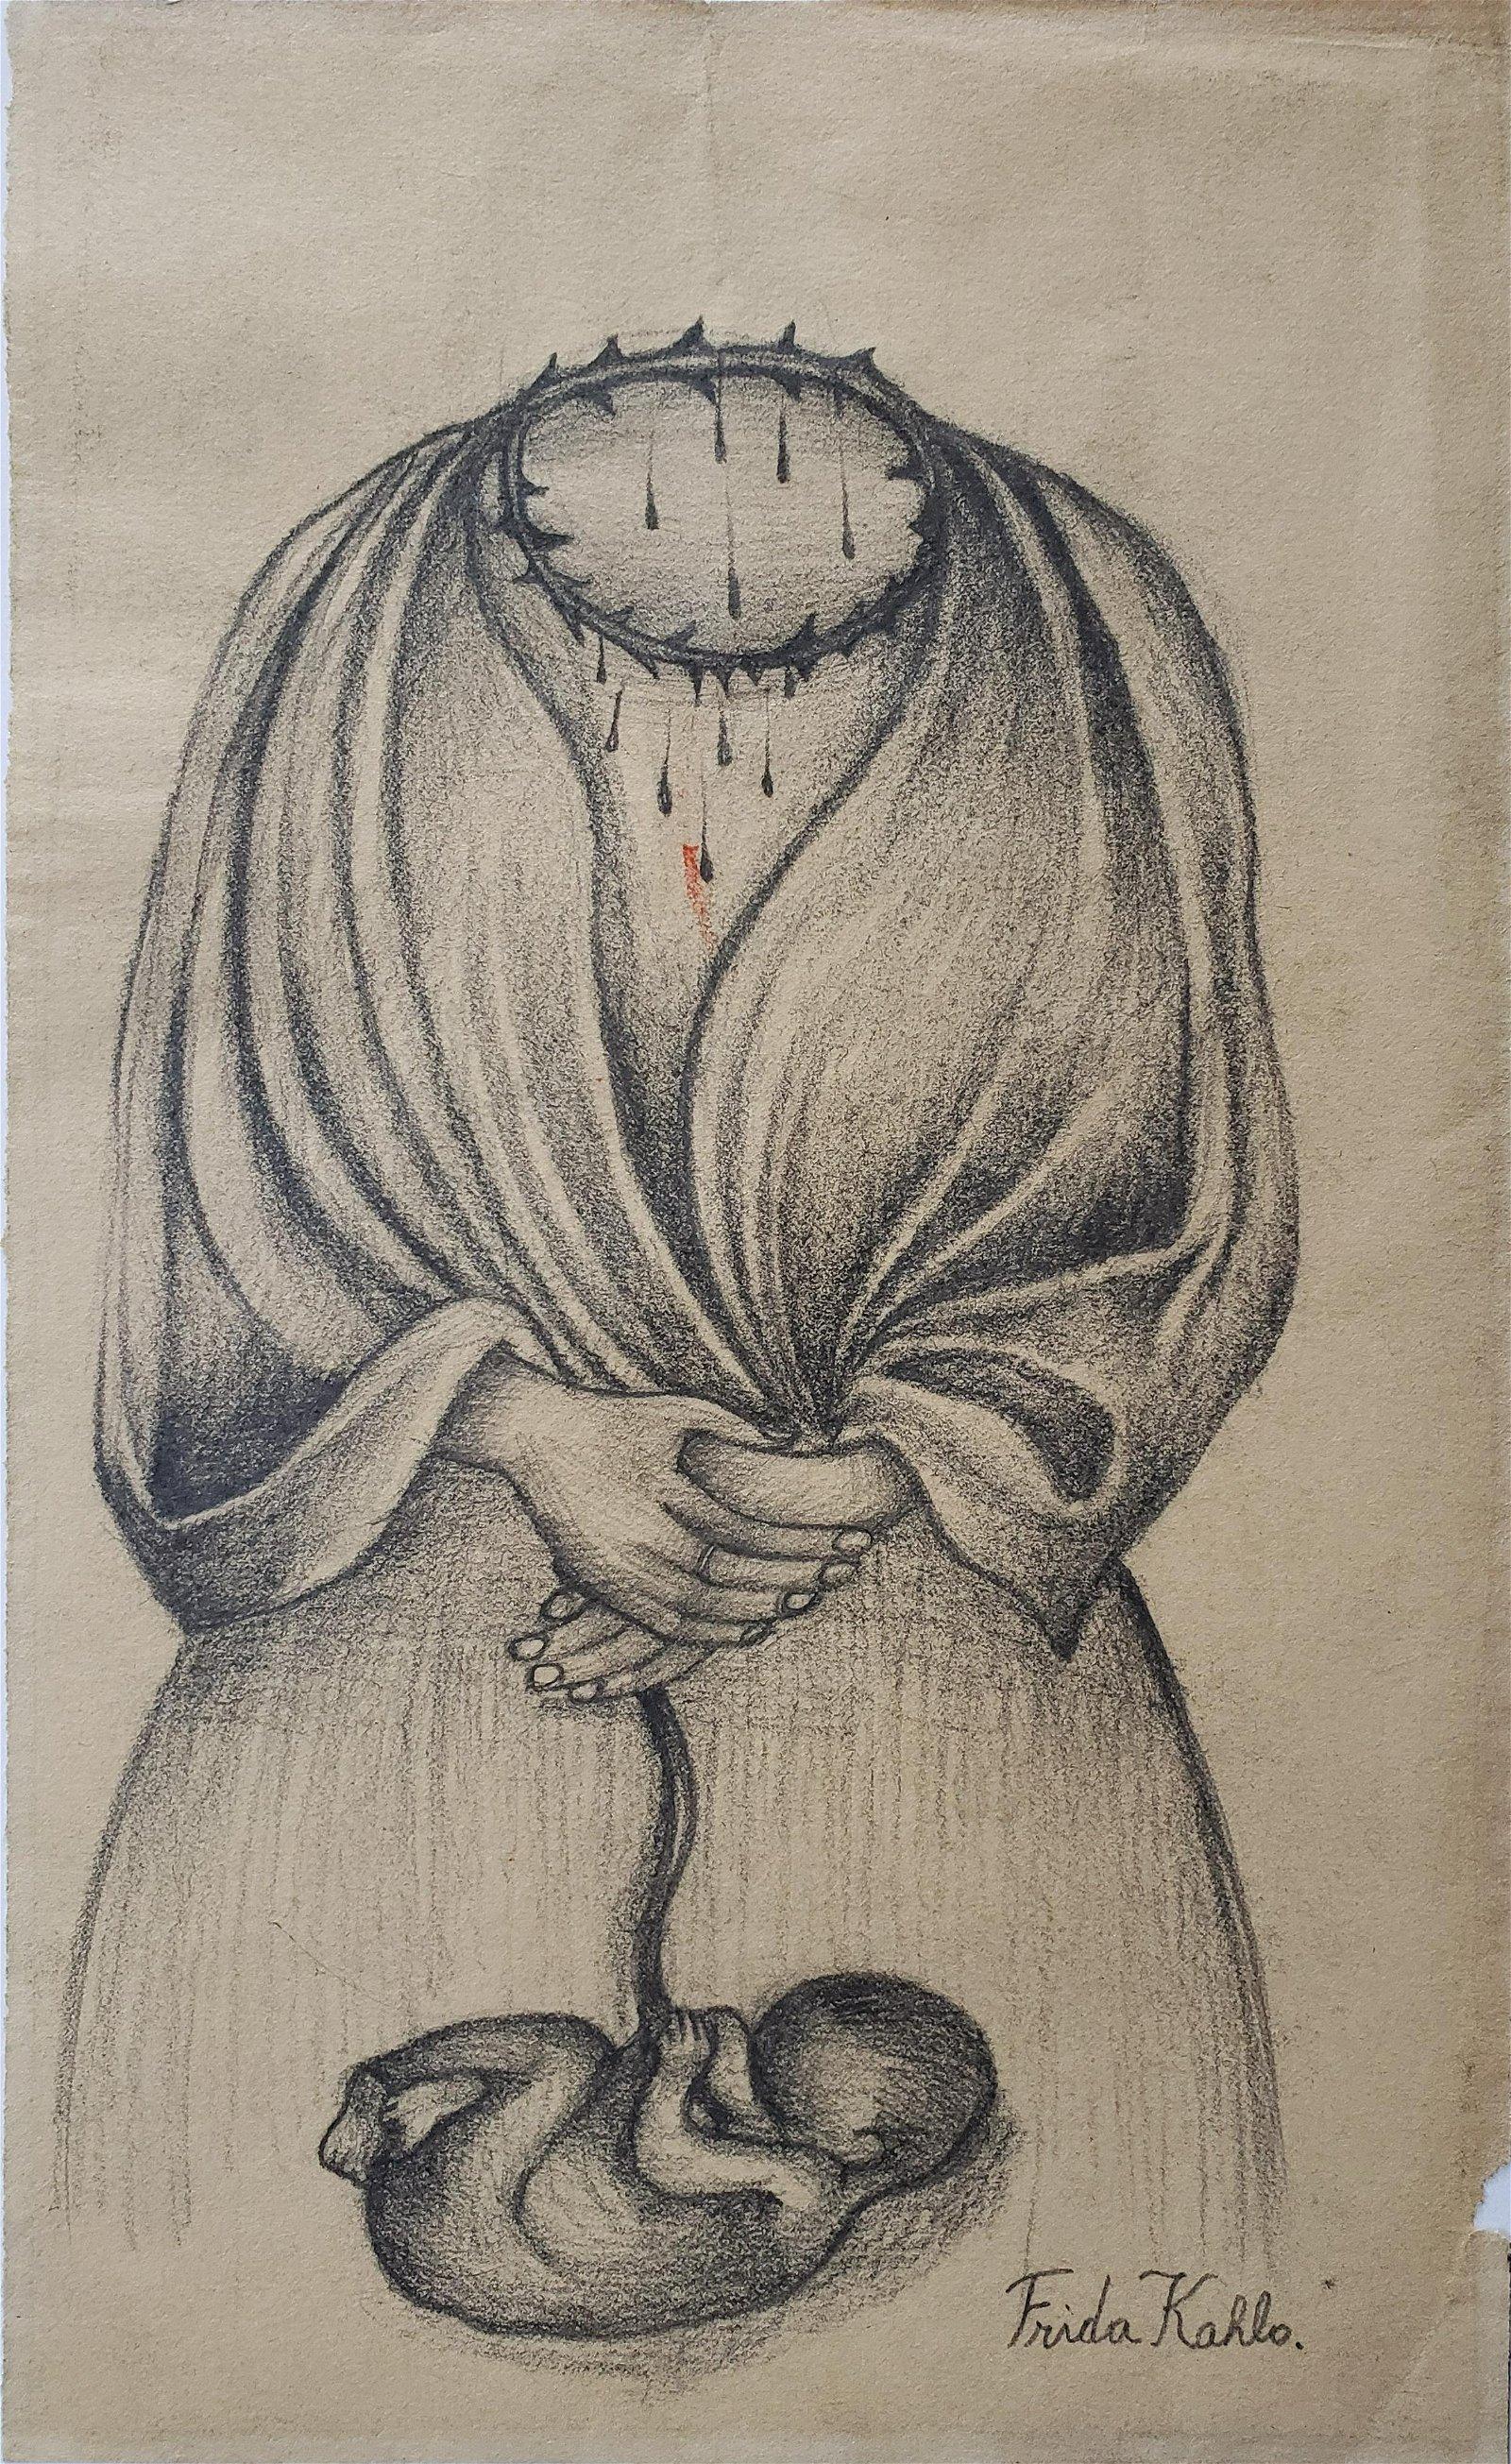 Signed Frida Kahlo charcoal on paper